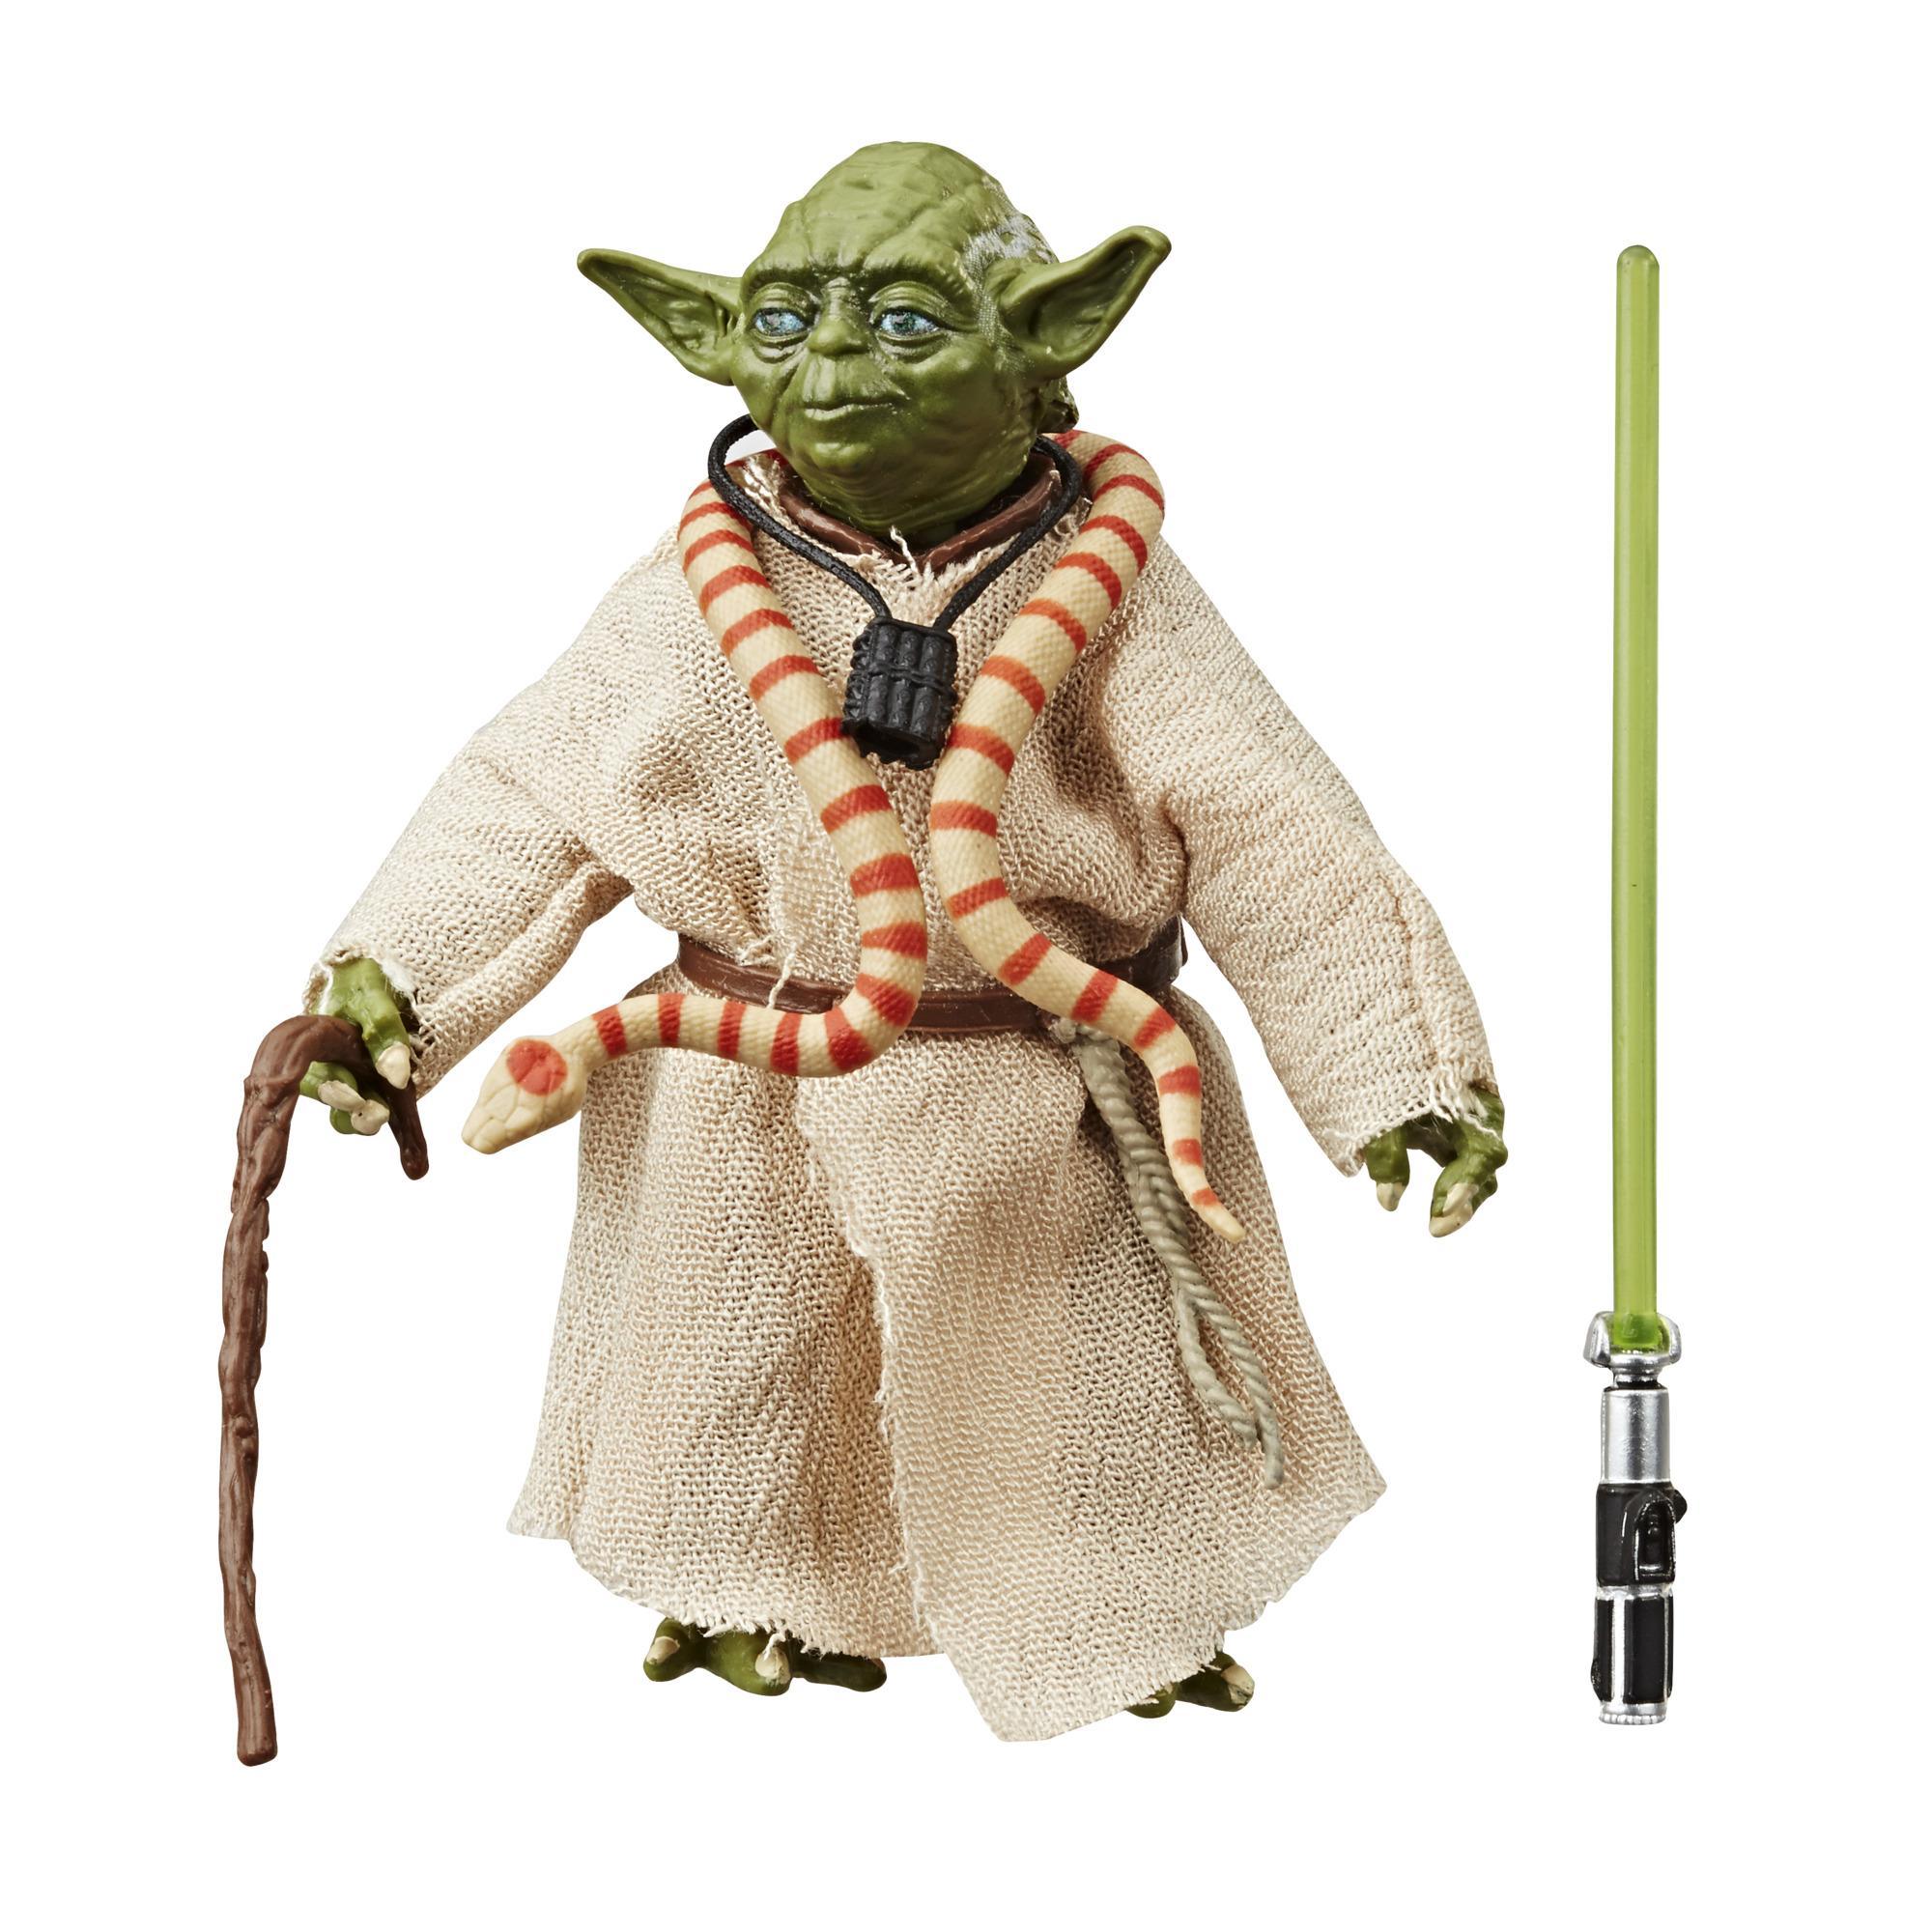 Figura de acción de Yoda de Star Wars The Black Series de 15cm por el 40.° aniversario de Star Wars: El Imperio contraataca